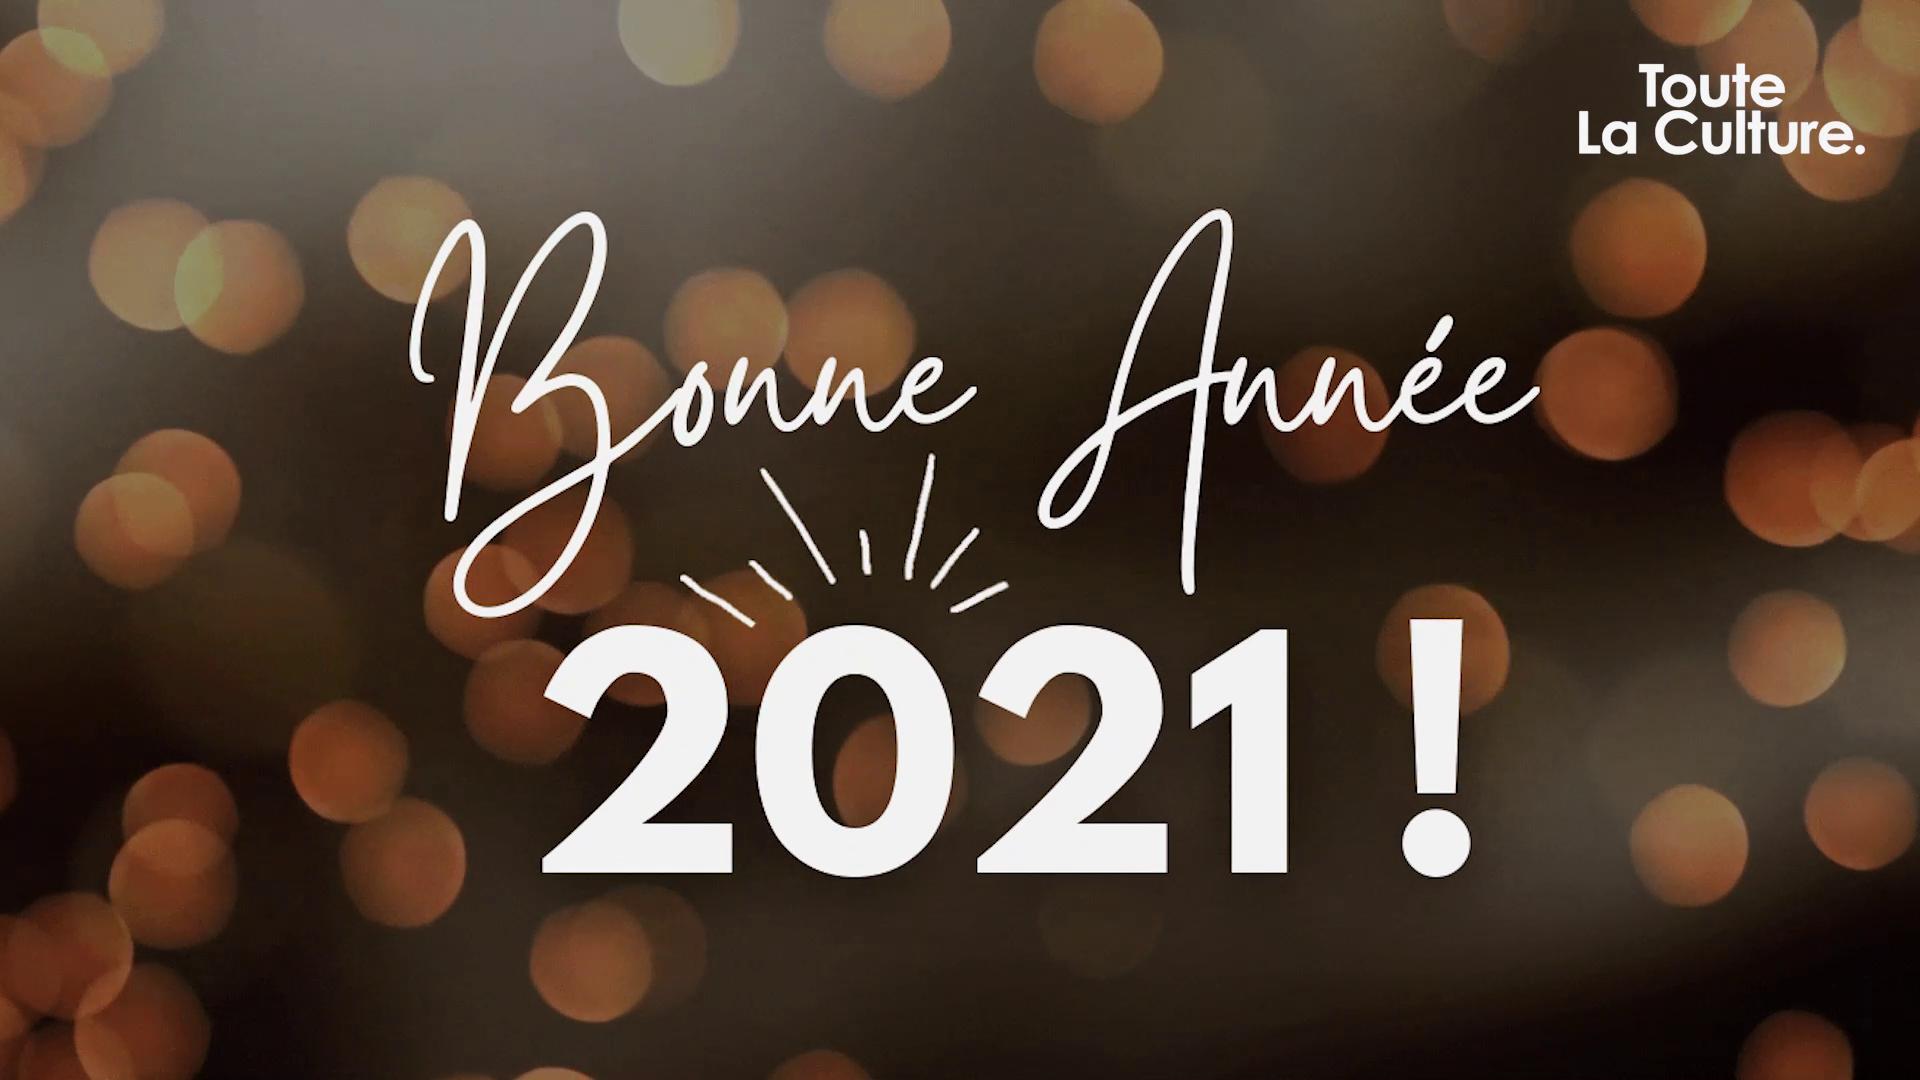 Meilleurs Vœux Culturels Pour 2021 Toutelaculture